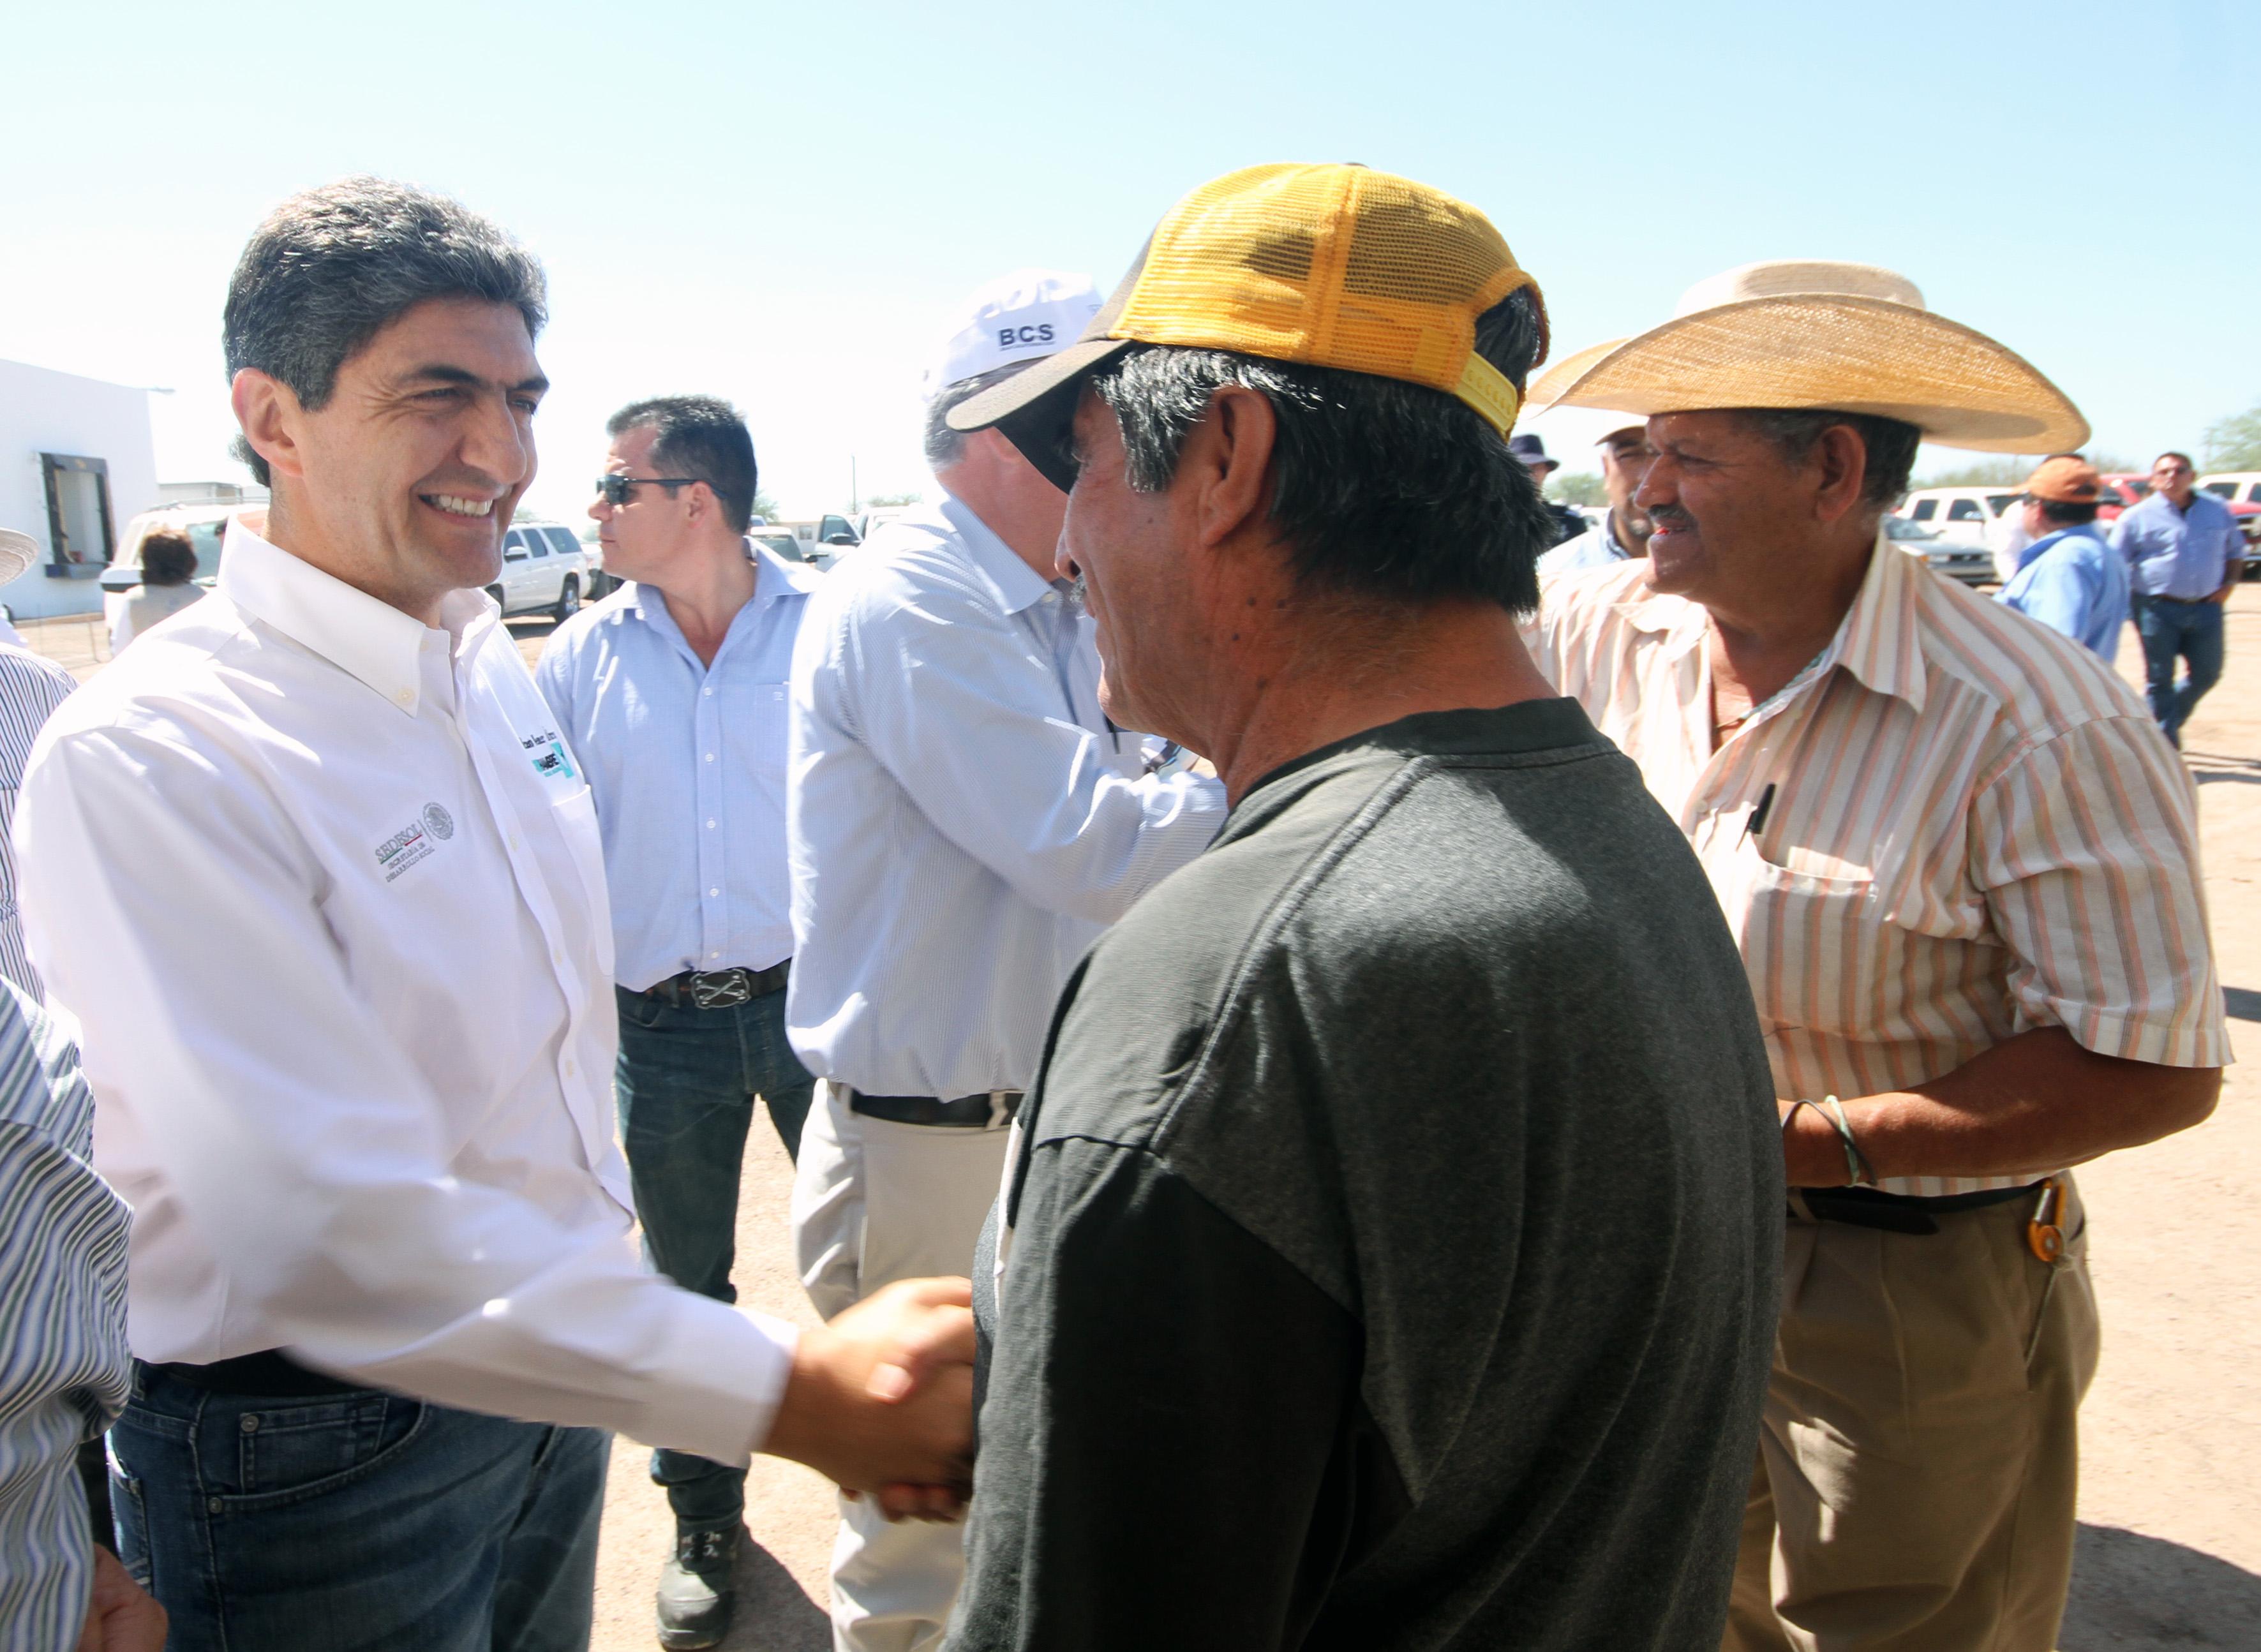 FOTO 2 Alimentaci n y estancia de jornaleros agr colas  compromiso prioritario.jpg